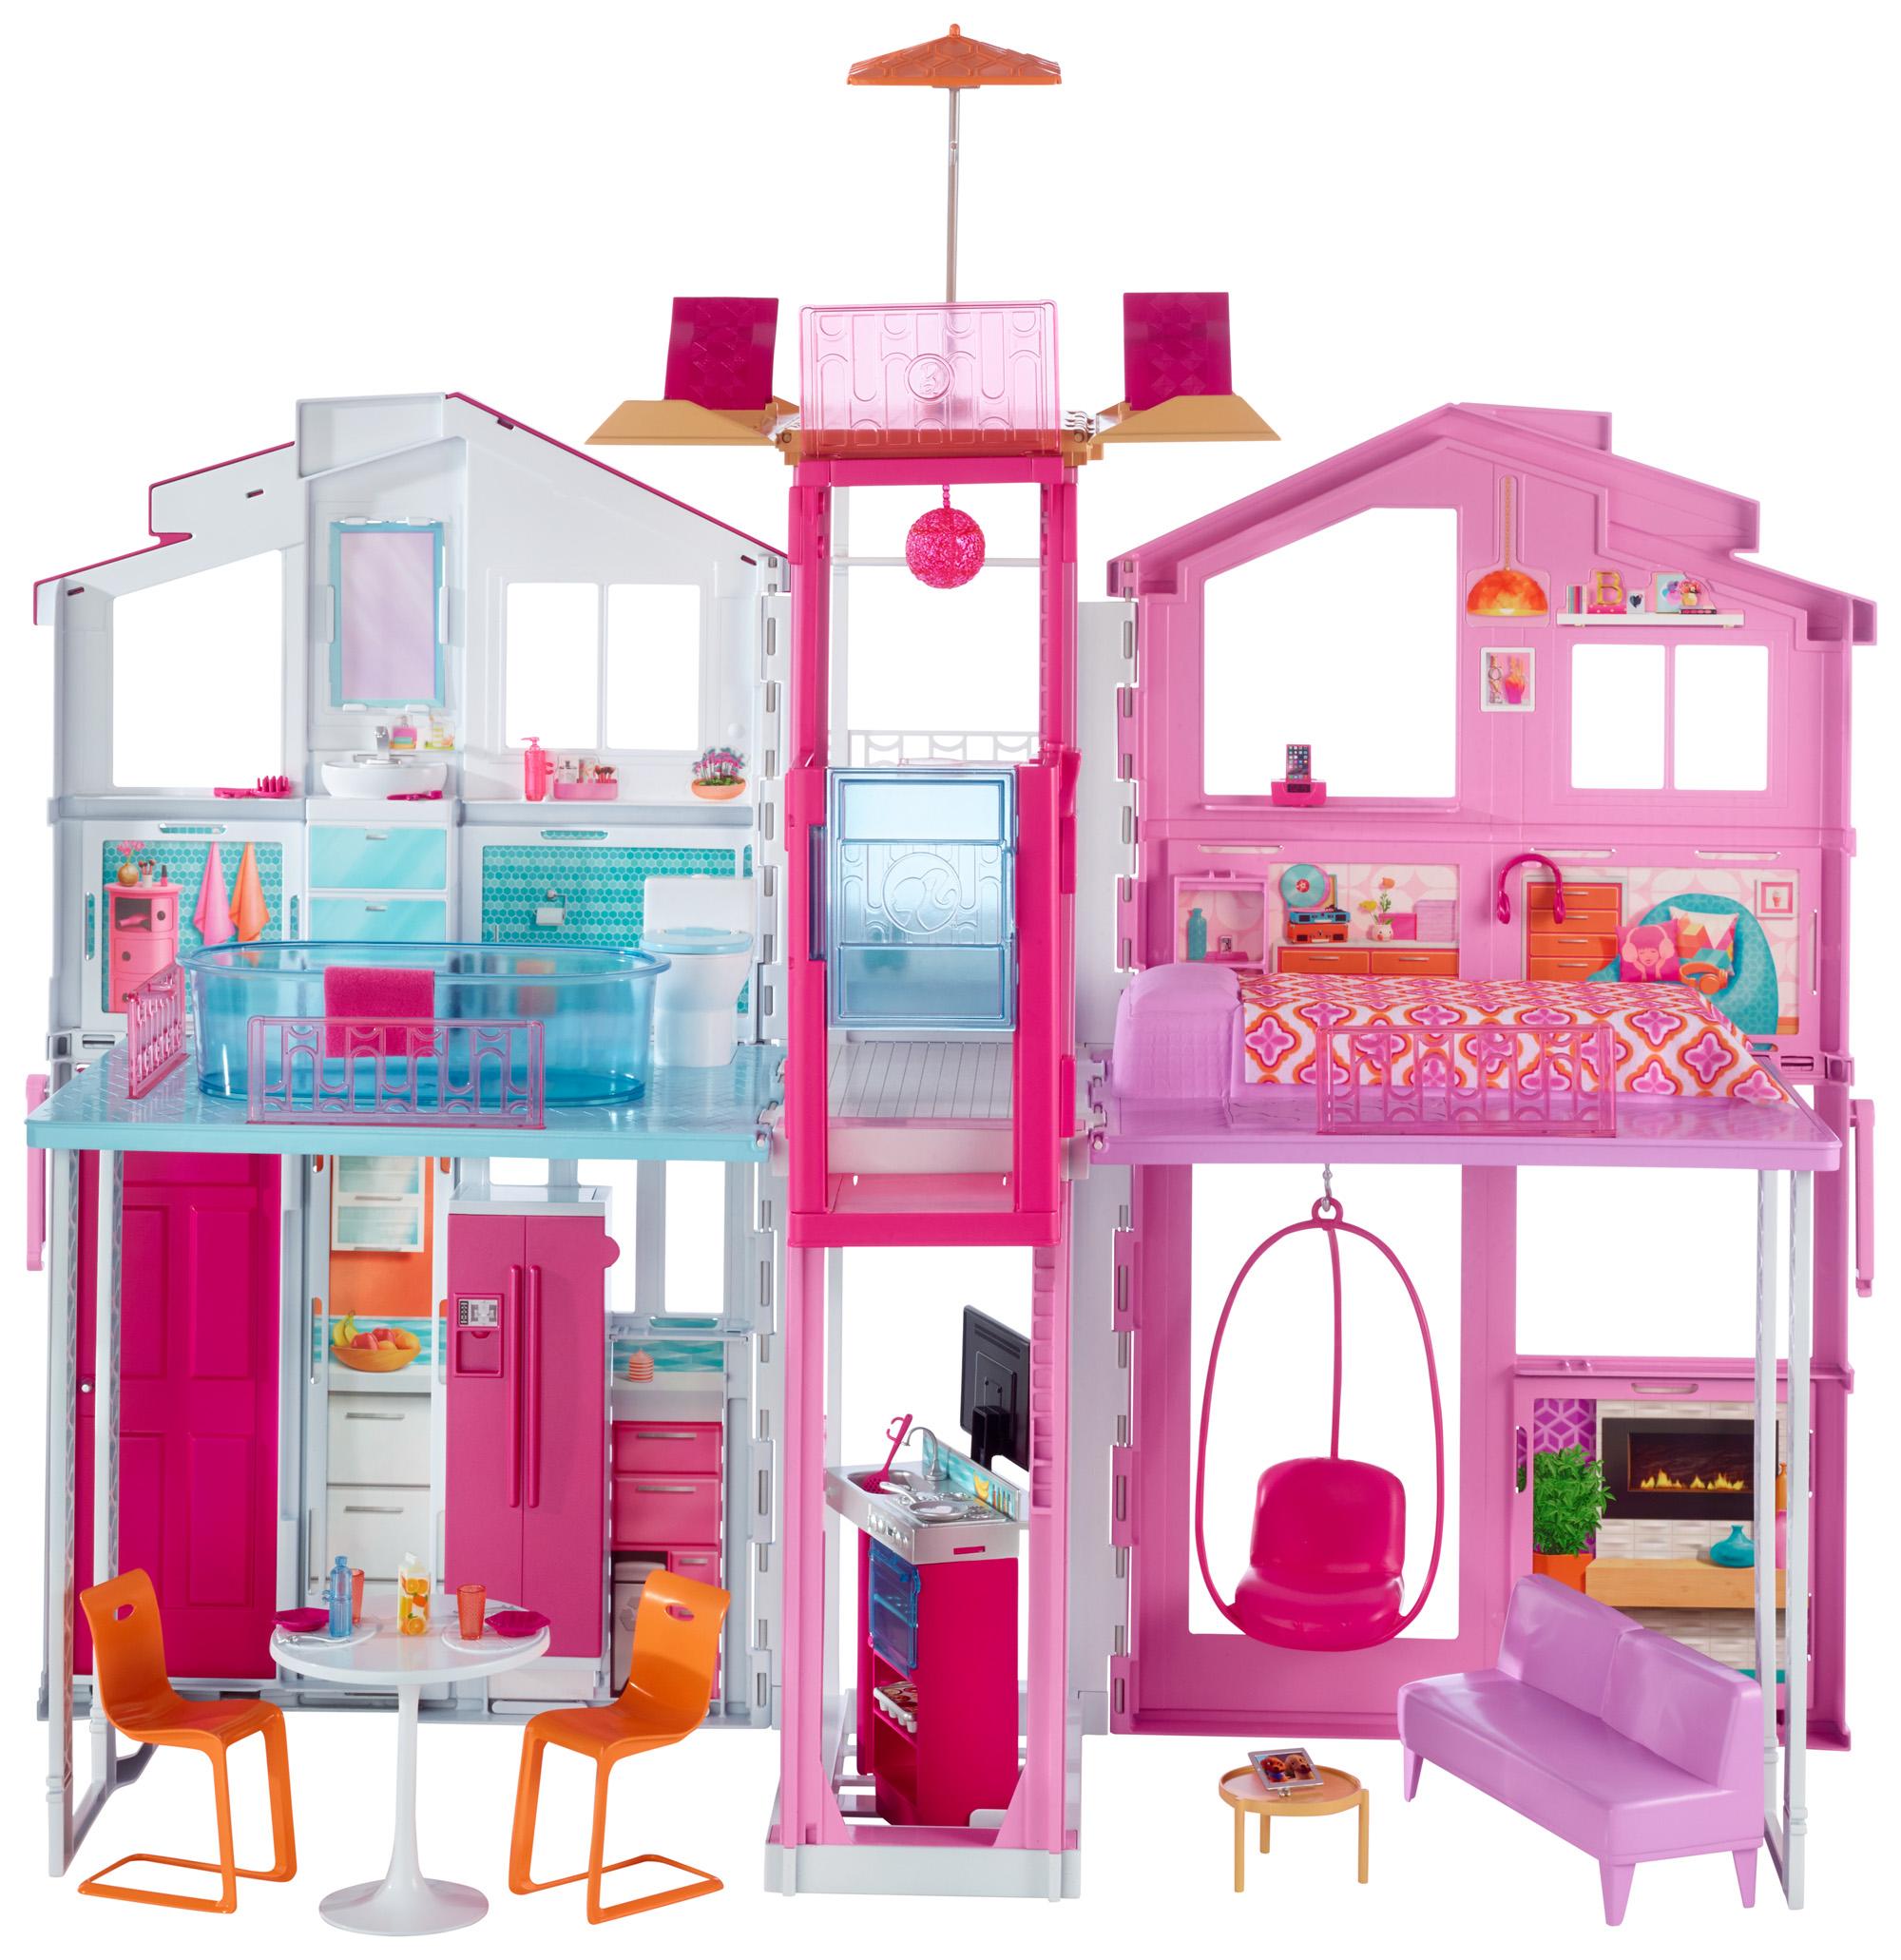 La Casa di Malibu - Giocattoli Toys Center